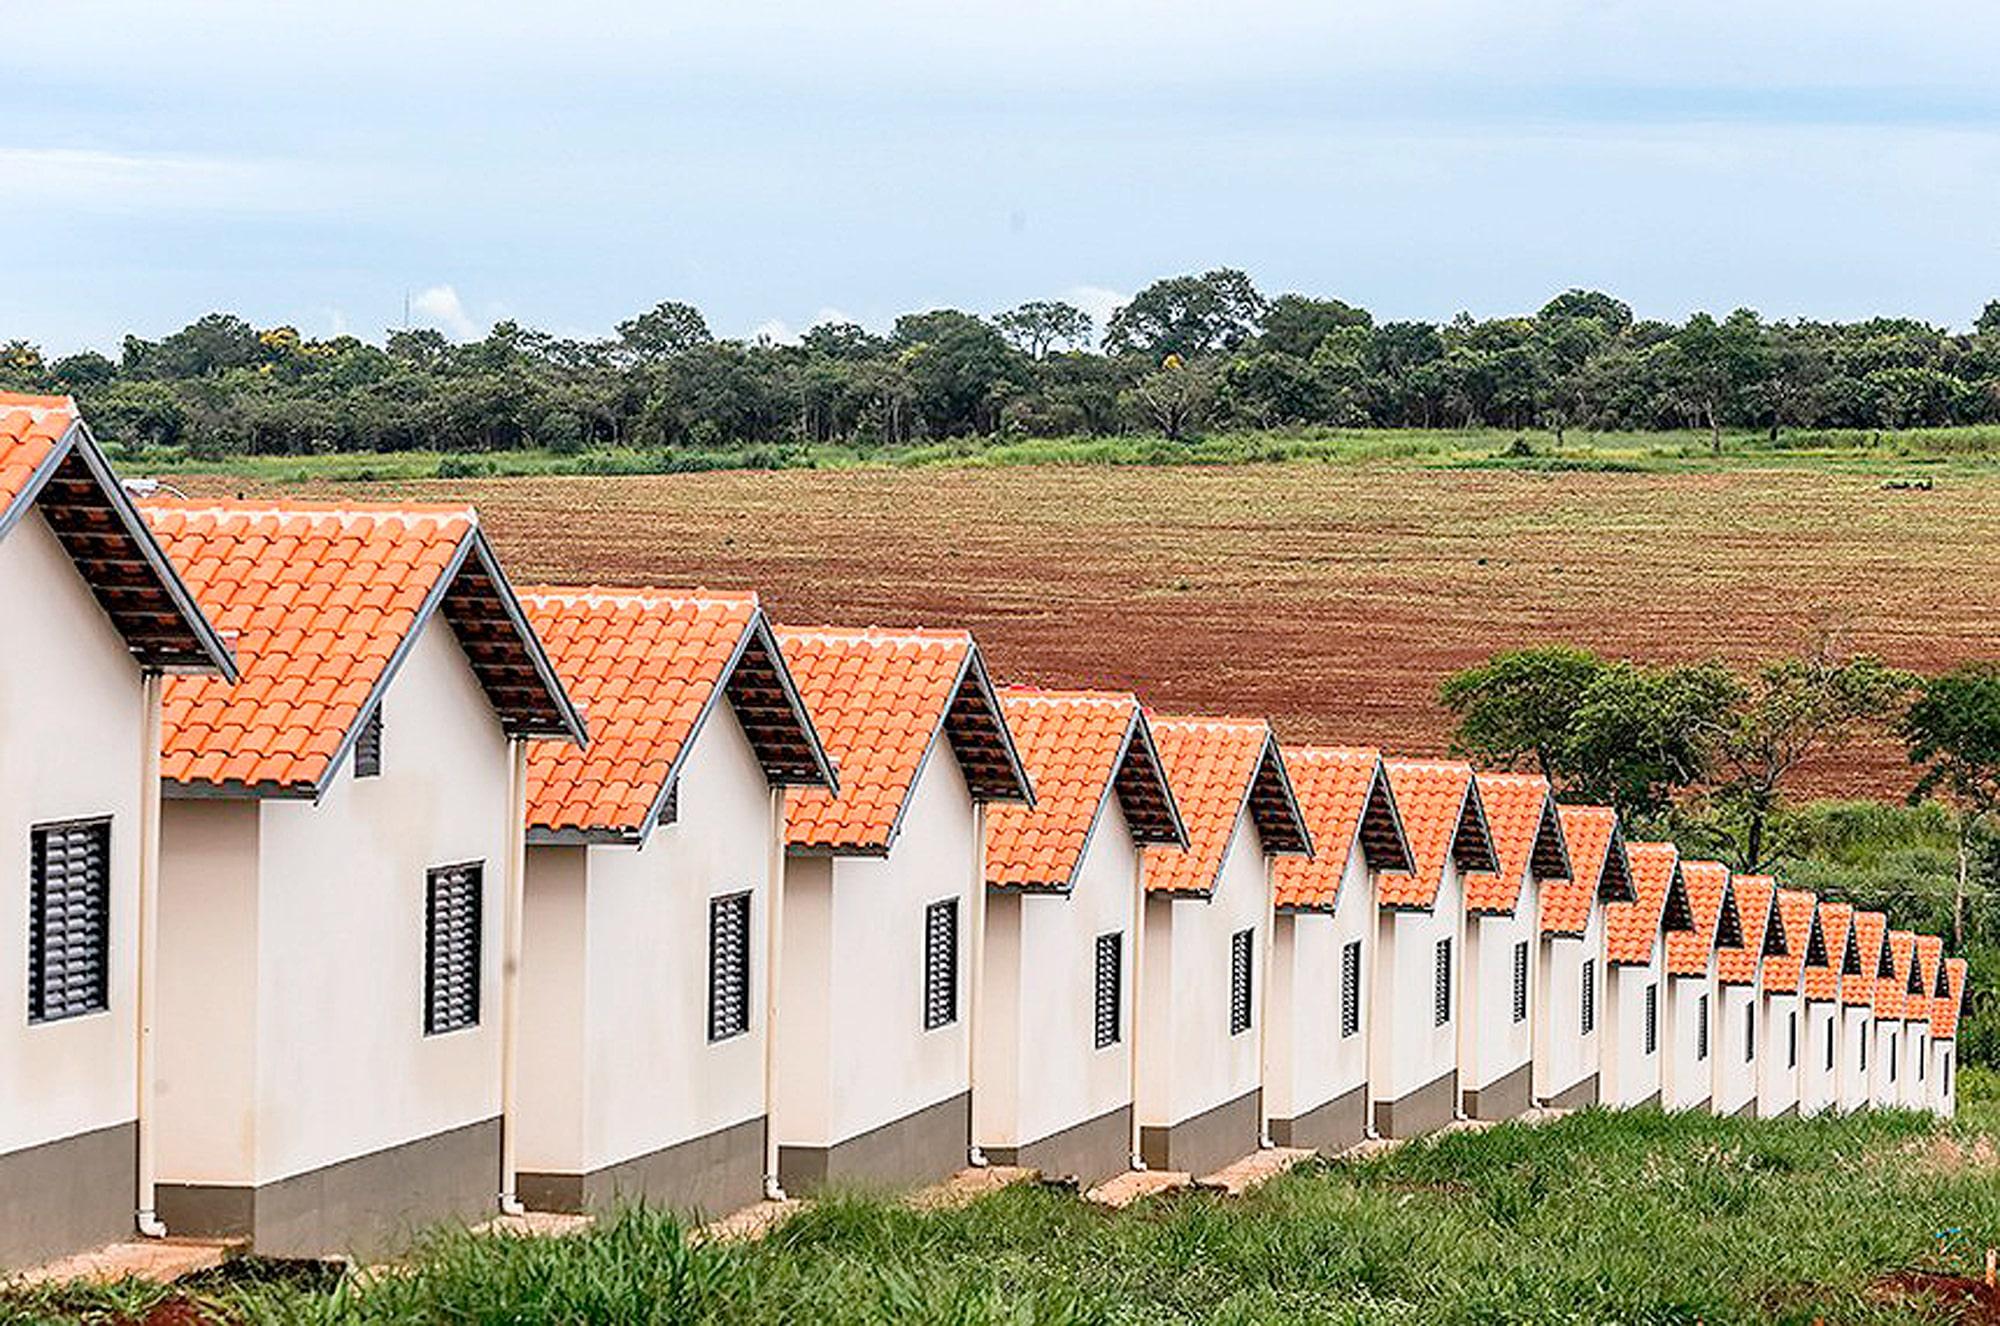 Casa Verde e Amarela não segue o modelo do Minha Casa Minha Vida, de construir casas no meio do nada, mas necessita que o Congresso Nacional o transforme em lei Crédito: GovSP